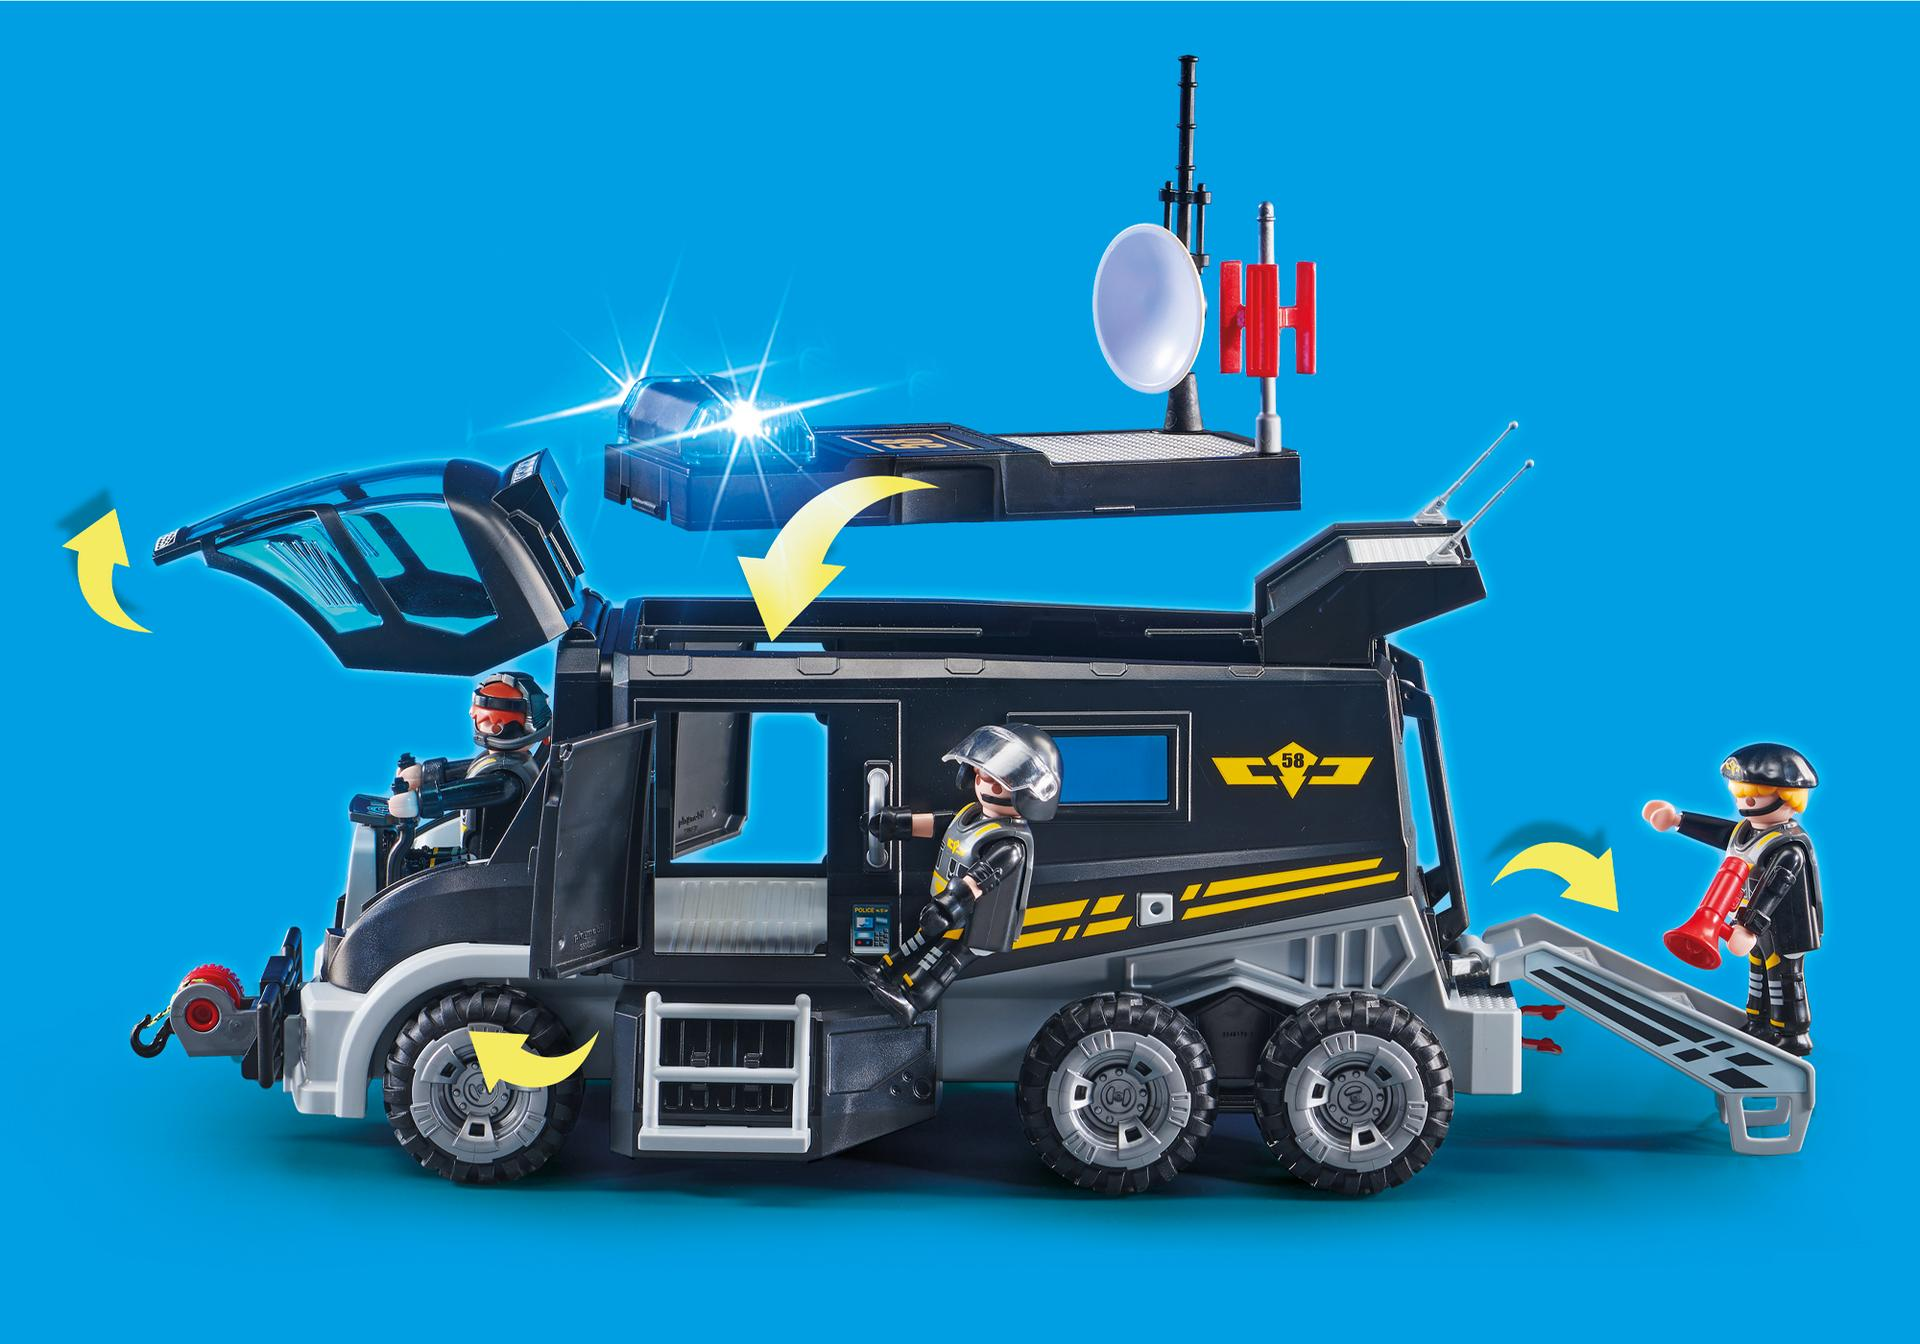 Sek Truck Mit Licht Und Sound Fondos De Pantalla